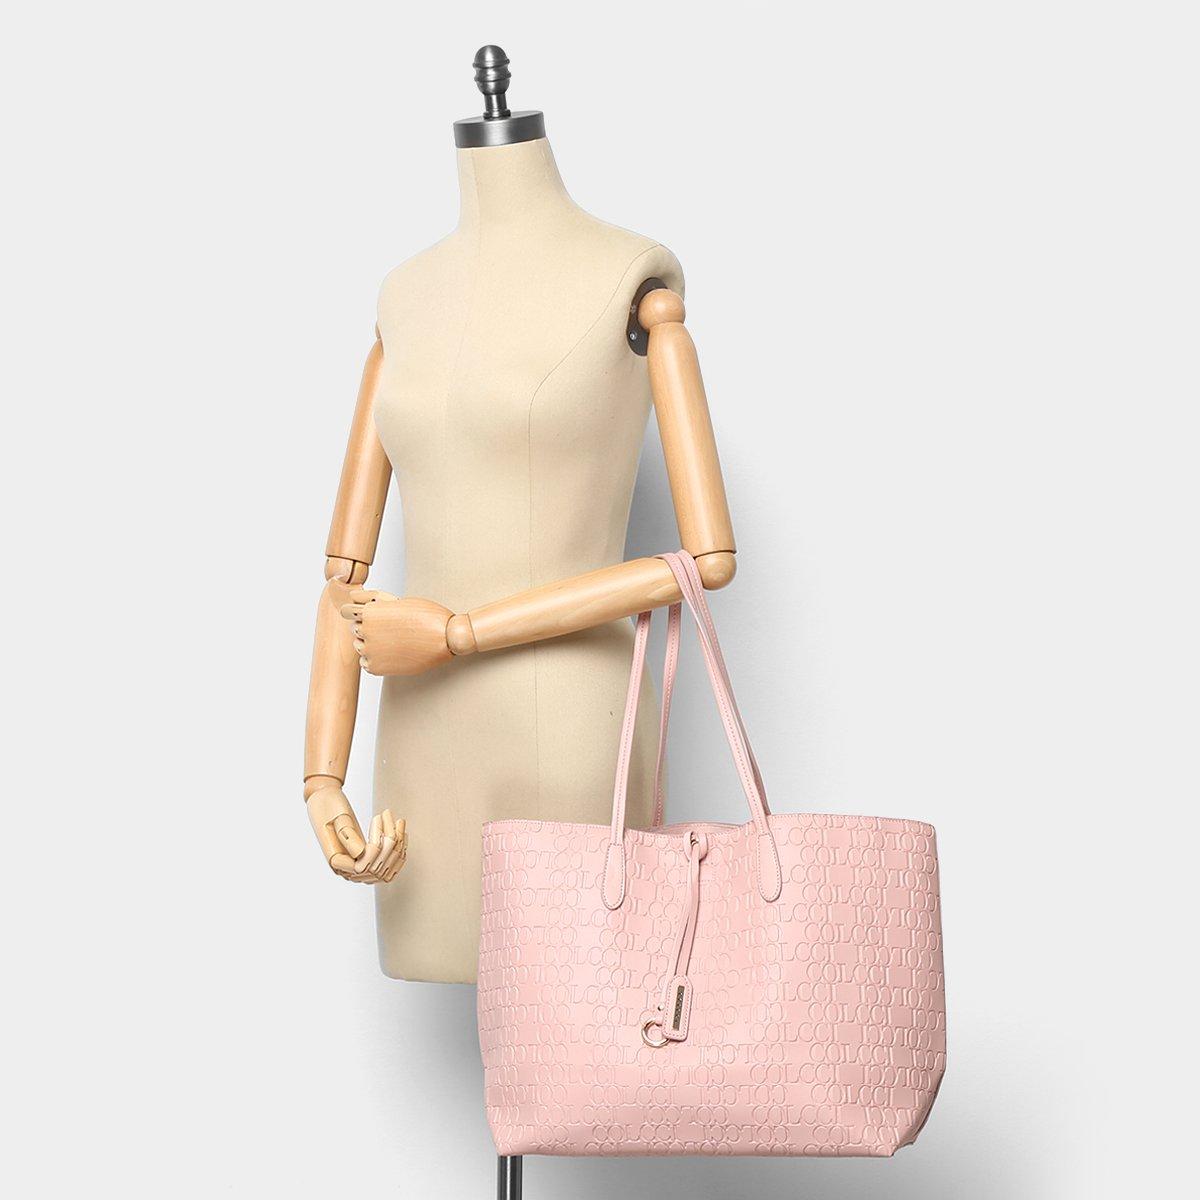 94f8caee0 Foto 2 - Bolsa Colcci Tote Shopper Feminina